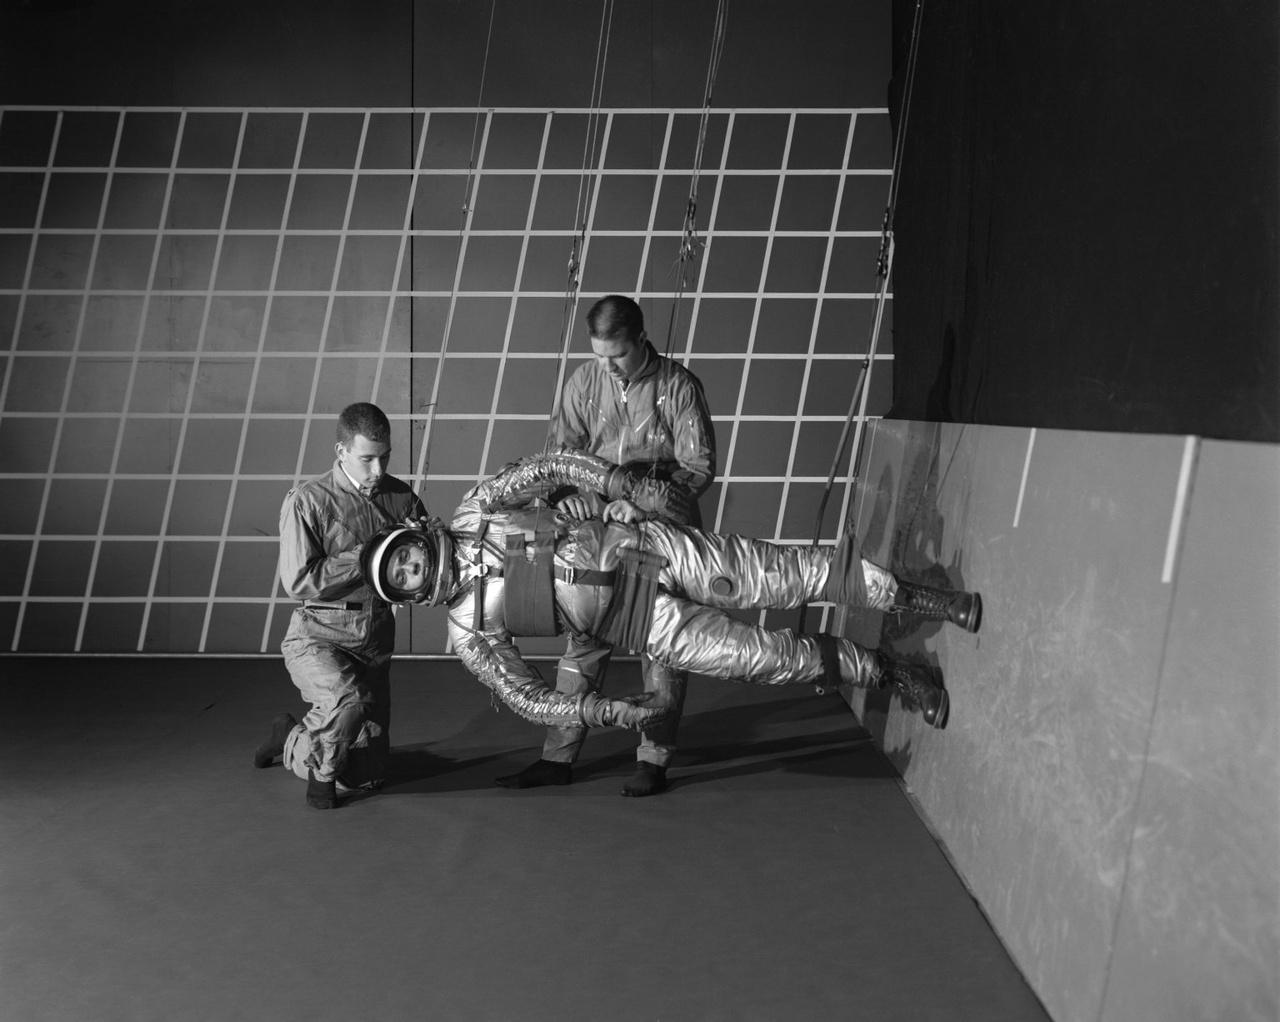 1963: a csökkent gravitációjú sétaszimulátor (Reduced Gravity Walking Simulator) első változata a LRC egyik hangárjában. Ebben a helyzetben a tesztalany lábai pont a testsúlyának egyhatodát érzékelik, csakúgy mint a Holdon.